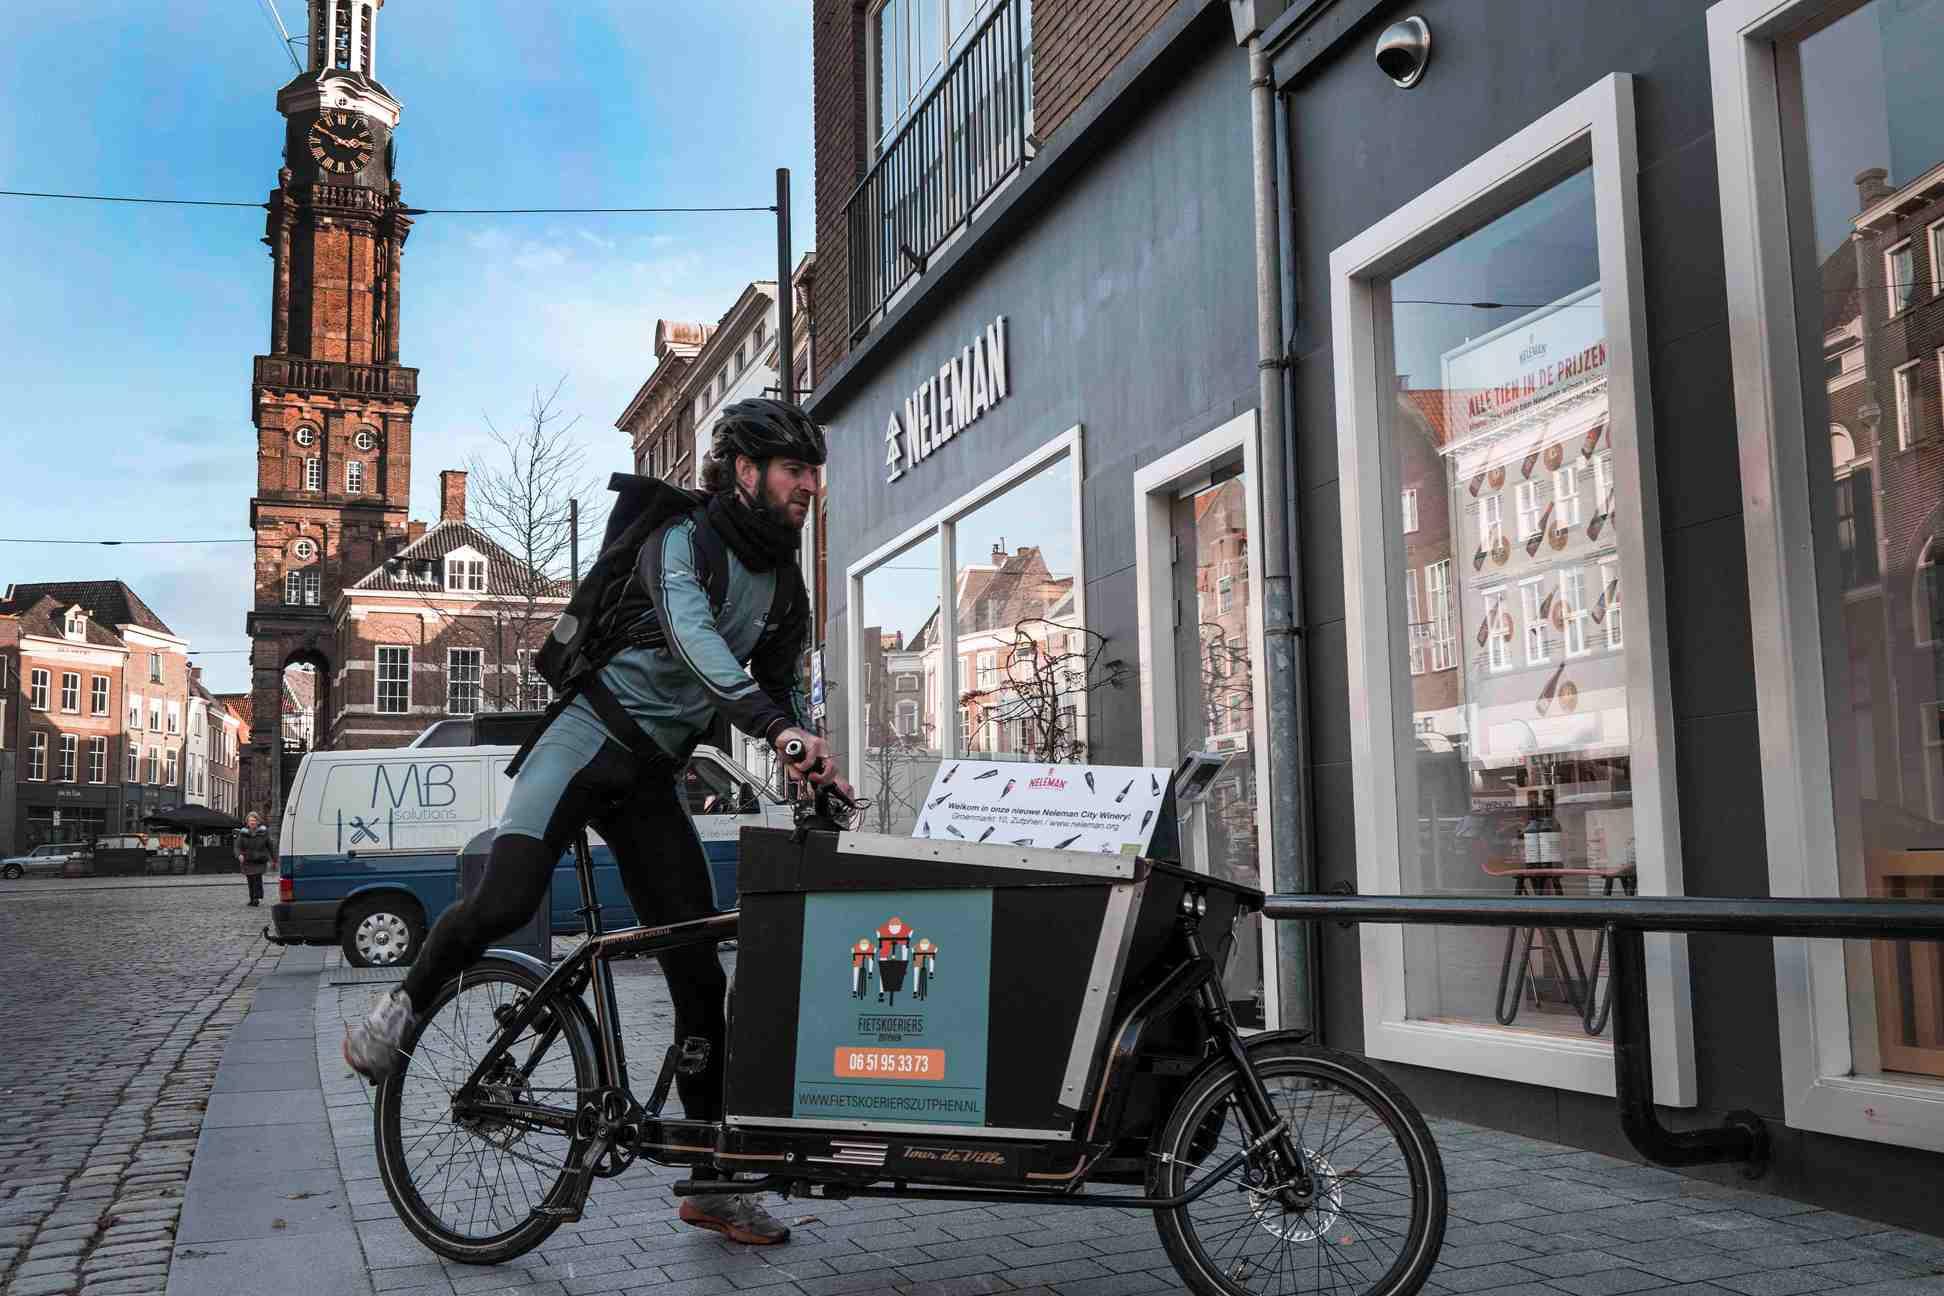 foto reclame op de fiets voor neleman biologische wijnhandel